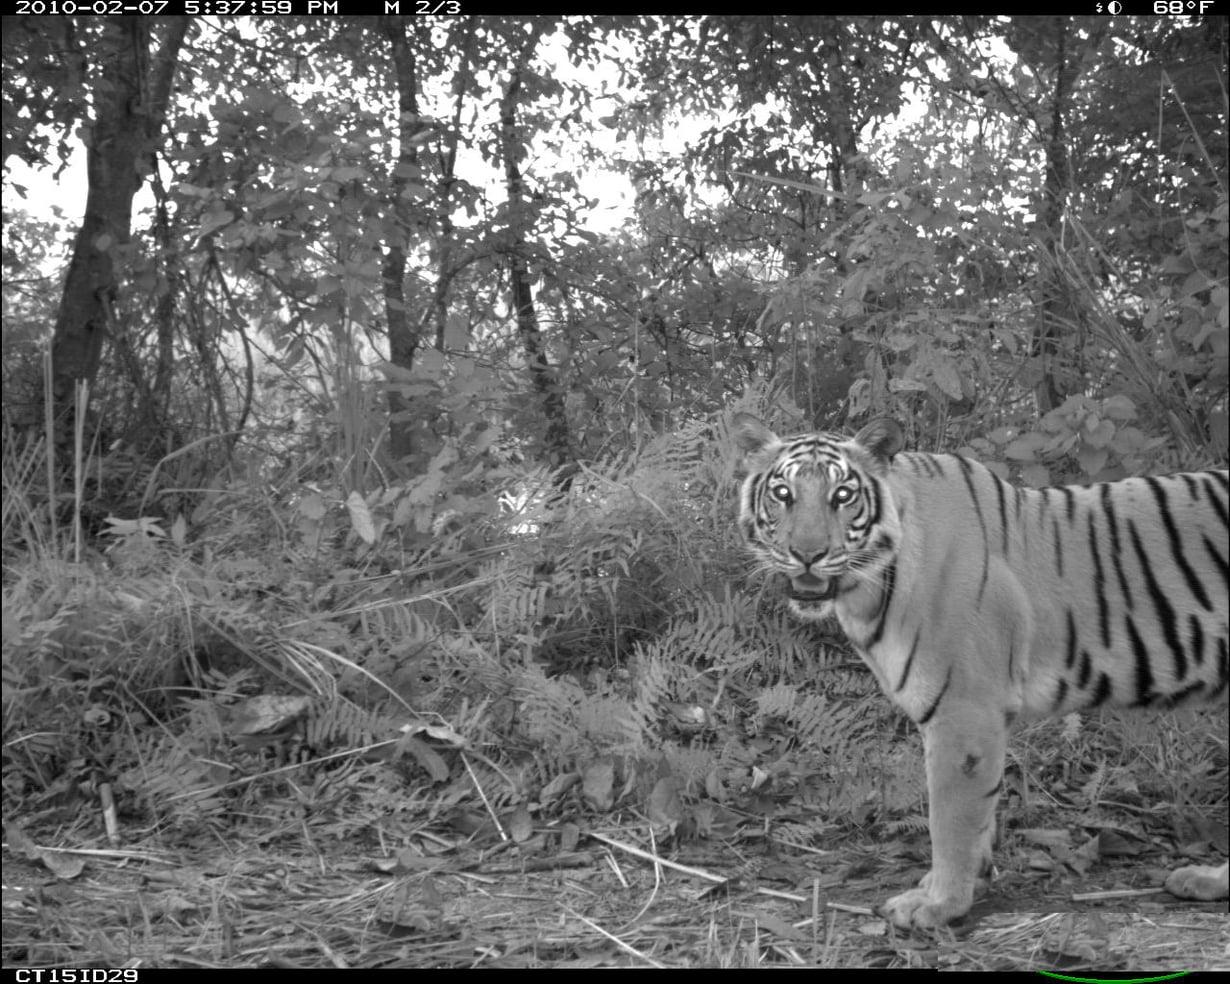 Begalintiikerin (Panthera tigris) ikuisti liikkestä aktivoituva kamera.